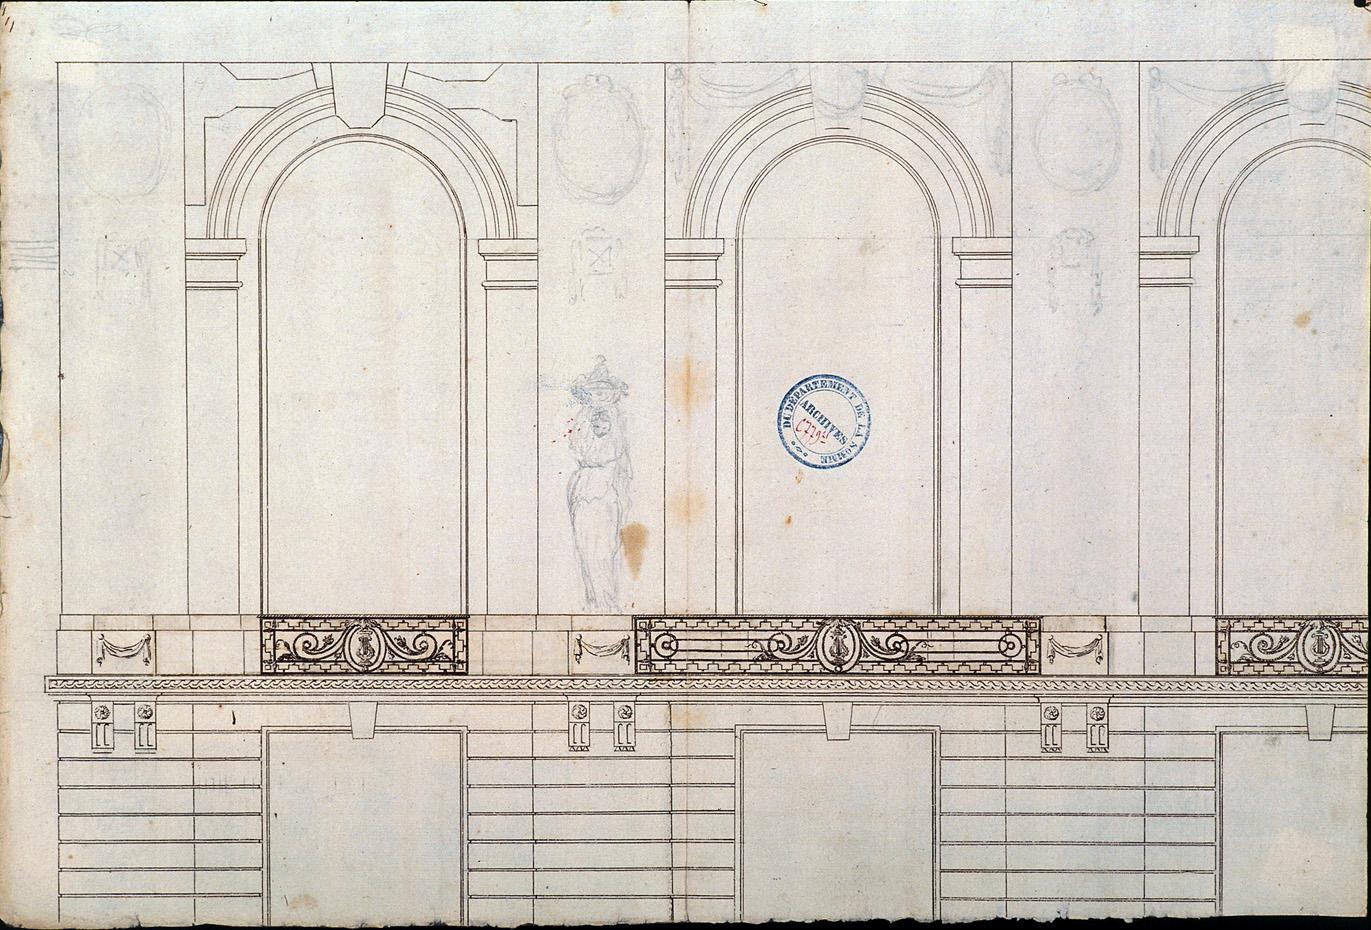 Projet de salle de spectacle, rue des Trois-Cailloux : croquis préparatoire dressé par l'architecte Rousseau pour le décor de la façade principale et les balcons